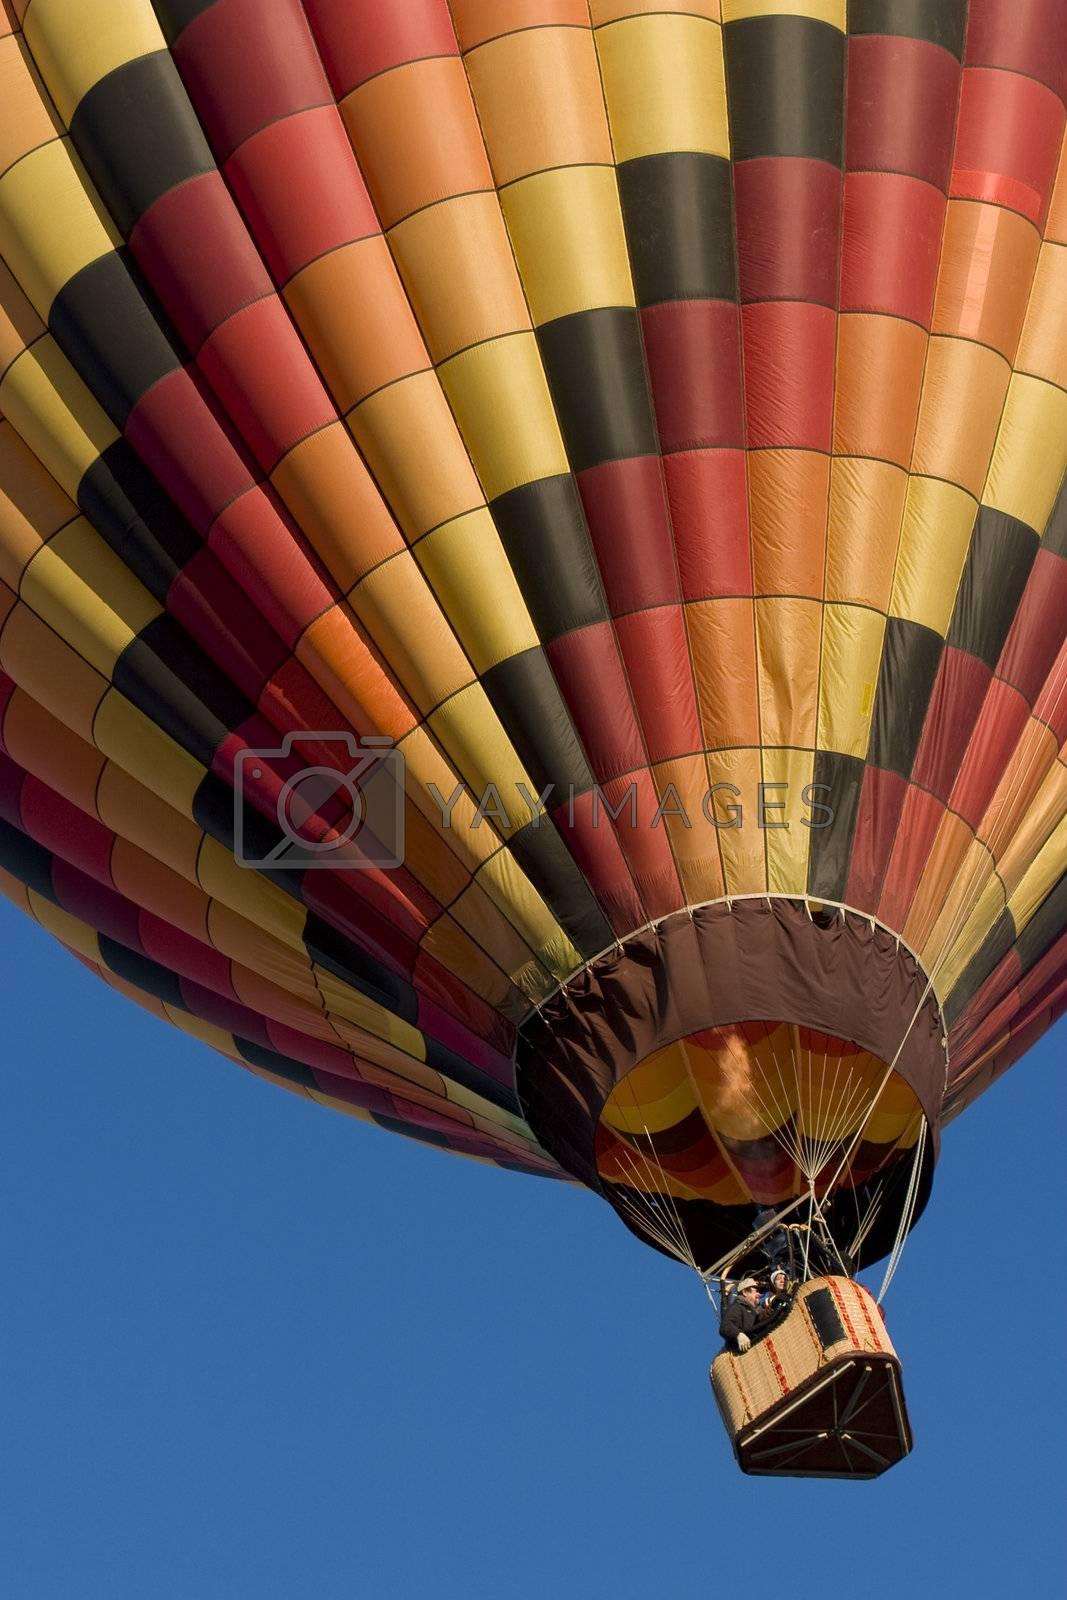 multicolor hot air balloon rising at Arkansas Valley Festival, Rocky Ford, Colorado, November 4, 2007